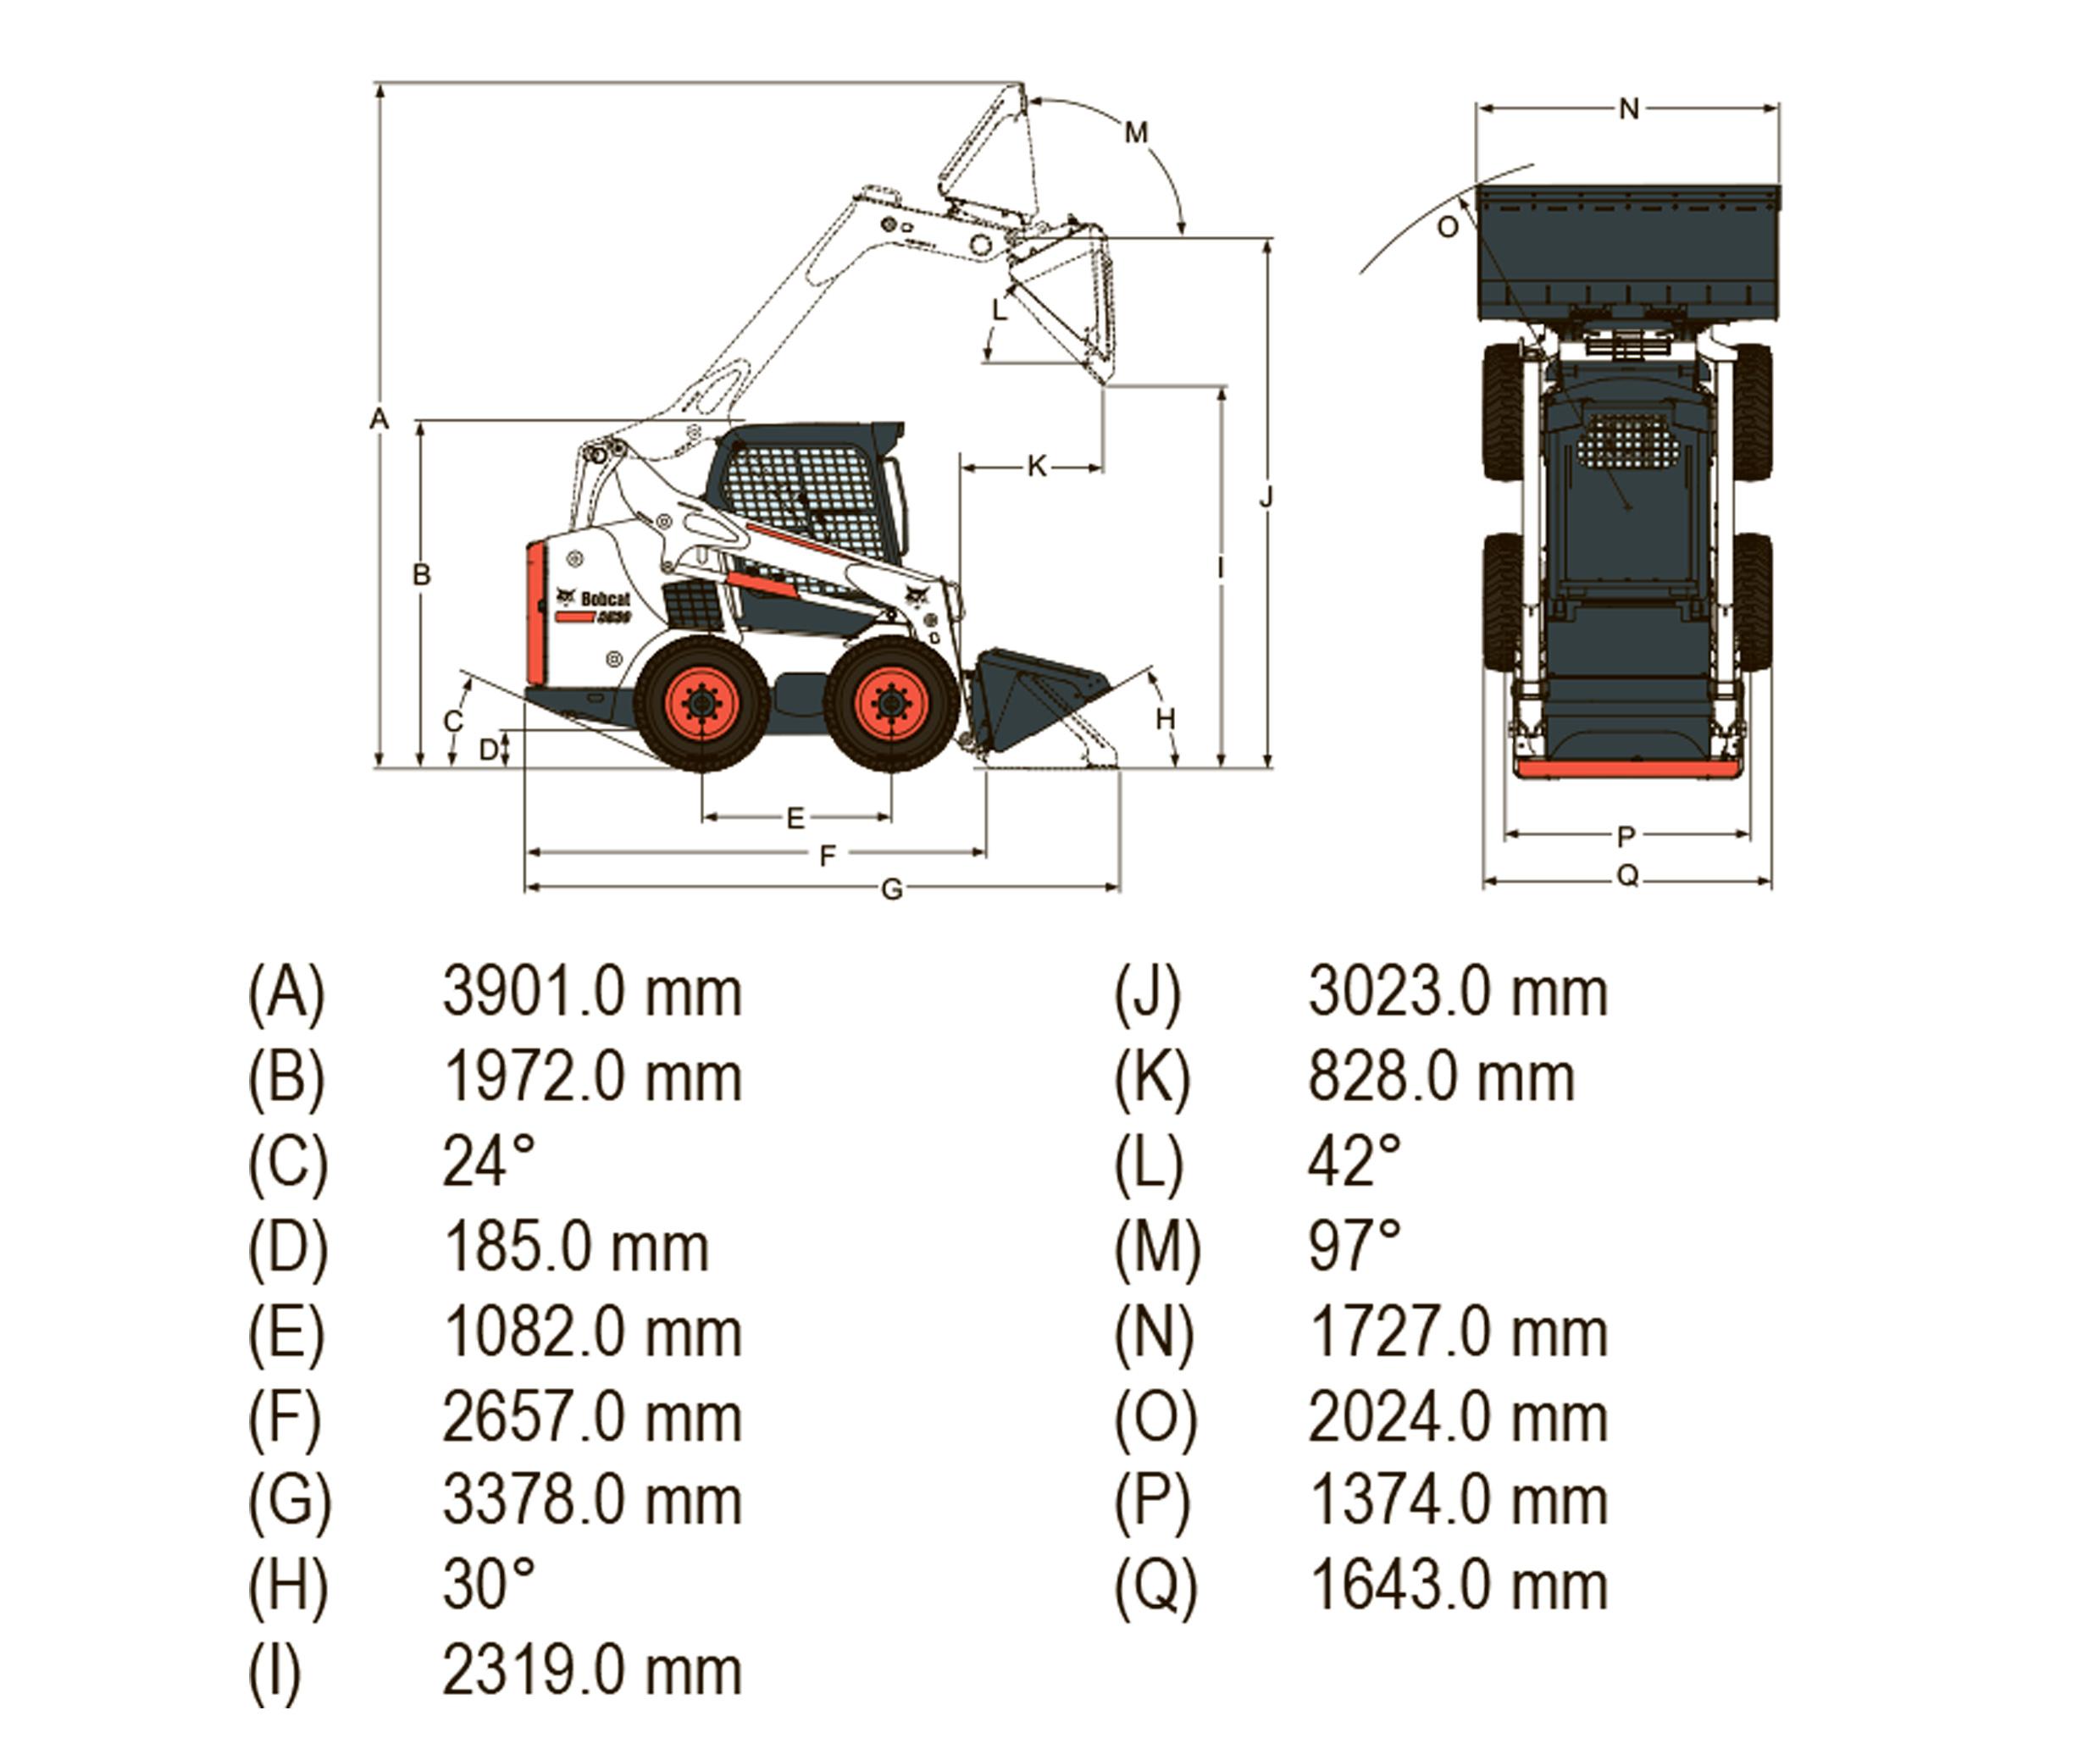 3a576410e97f43e87dc20ec07780d43d